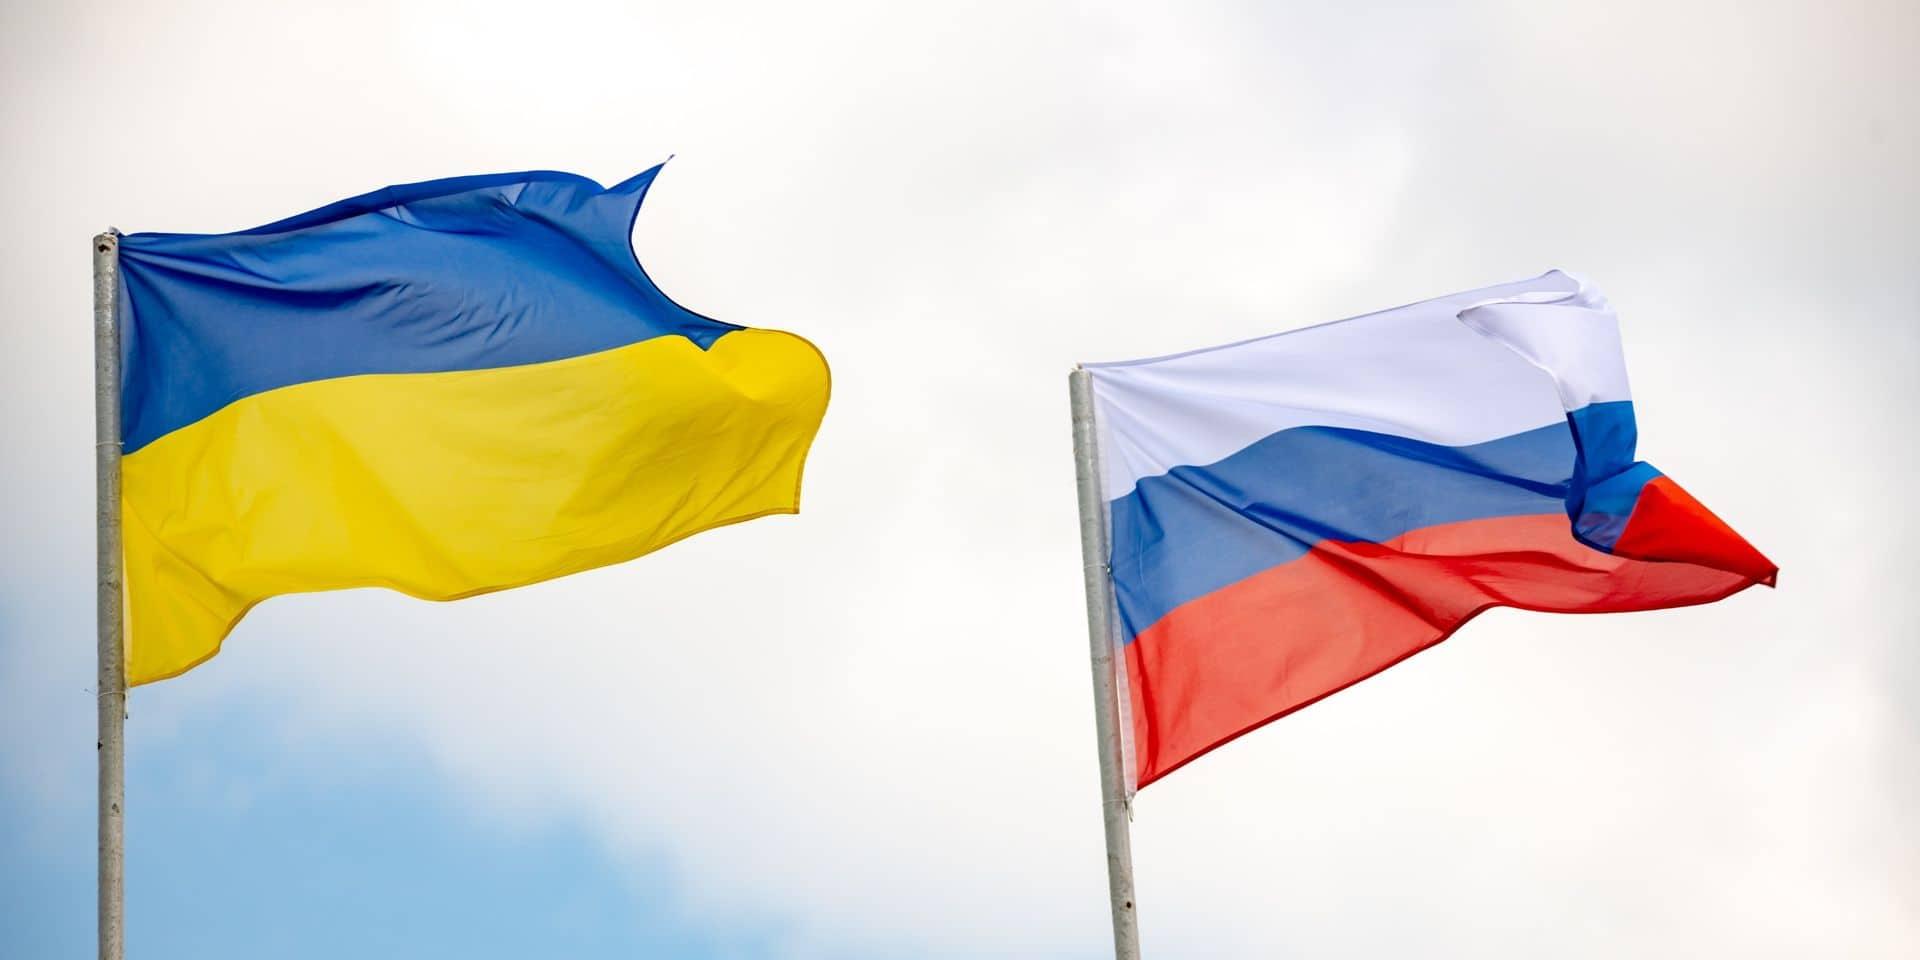 La tension monte entre la Russie et l'Ukraine: Kiev réplique et annonce l'expulsion d'un diplomate russe